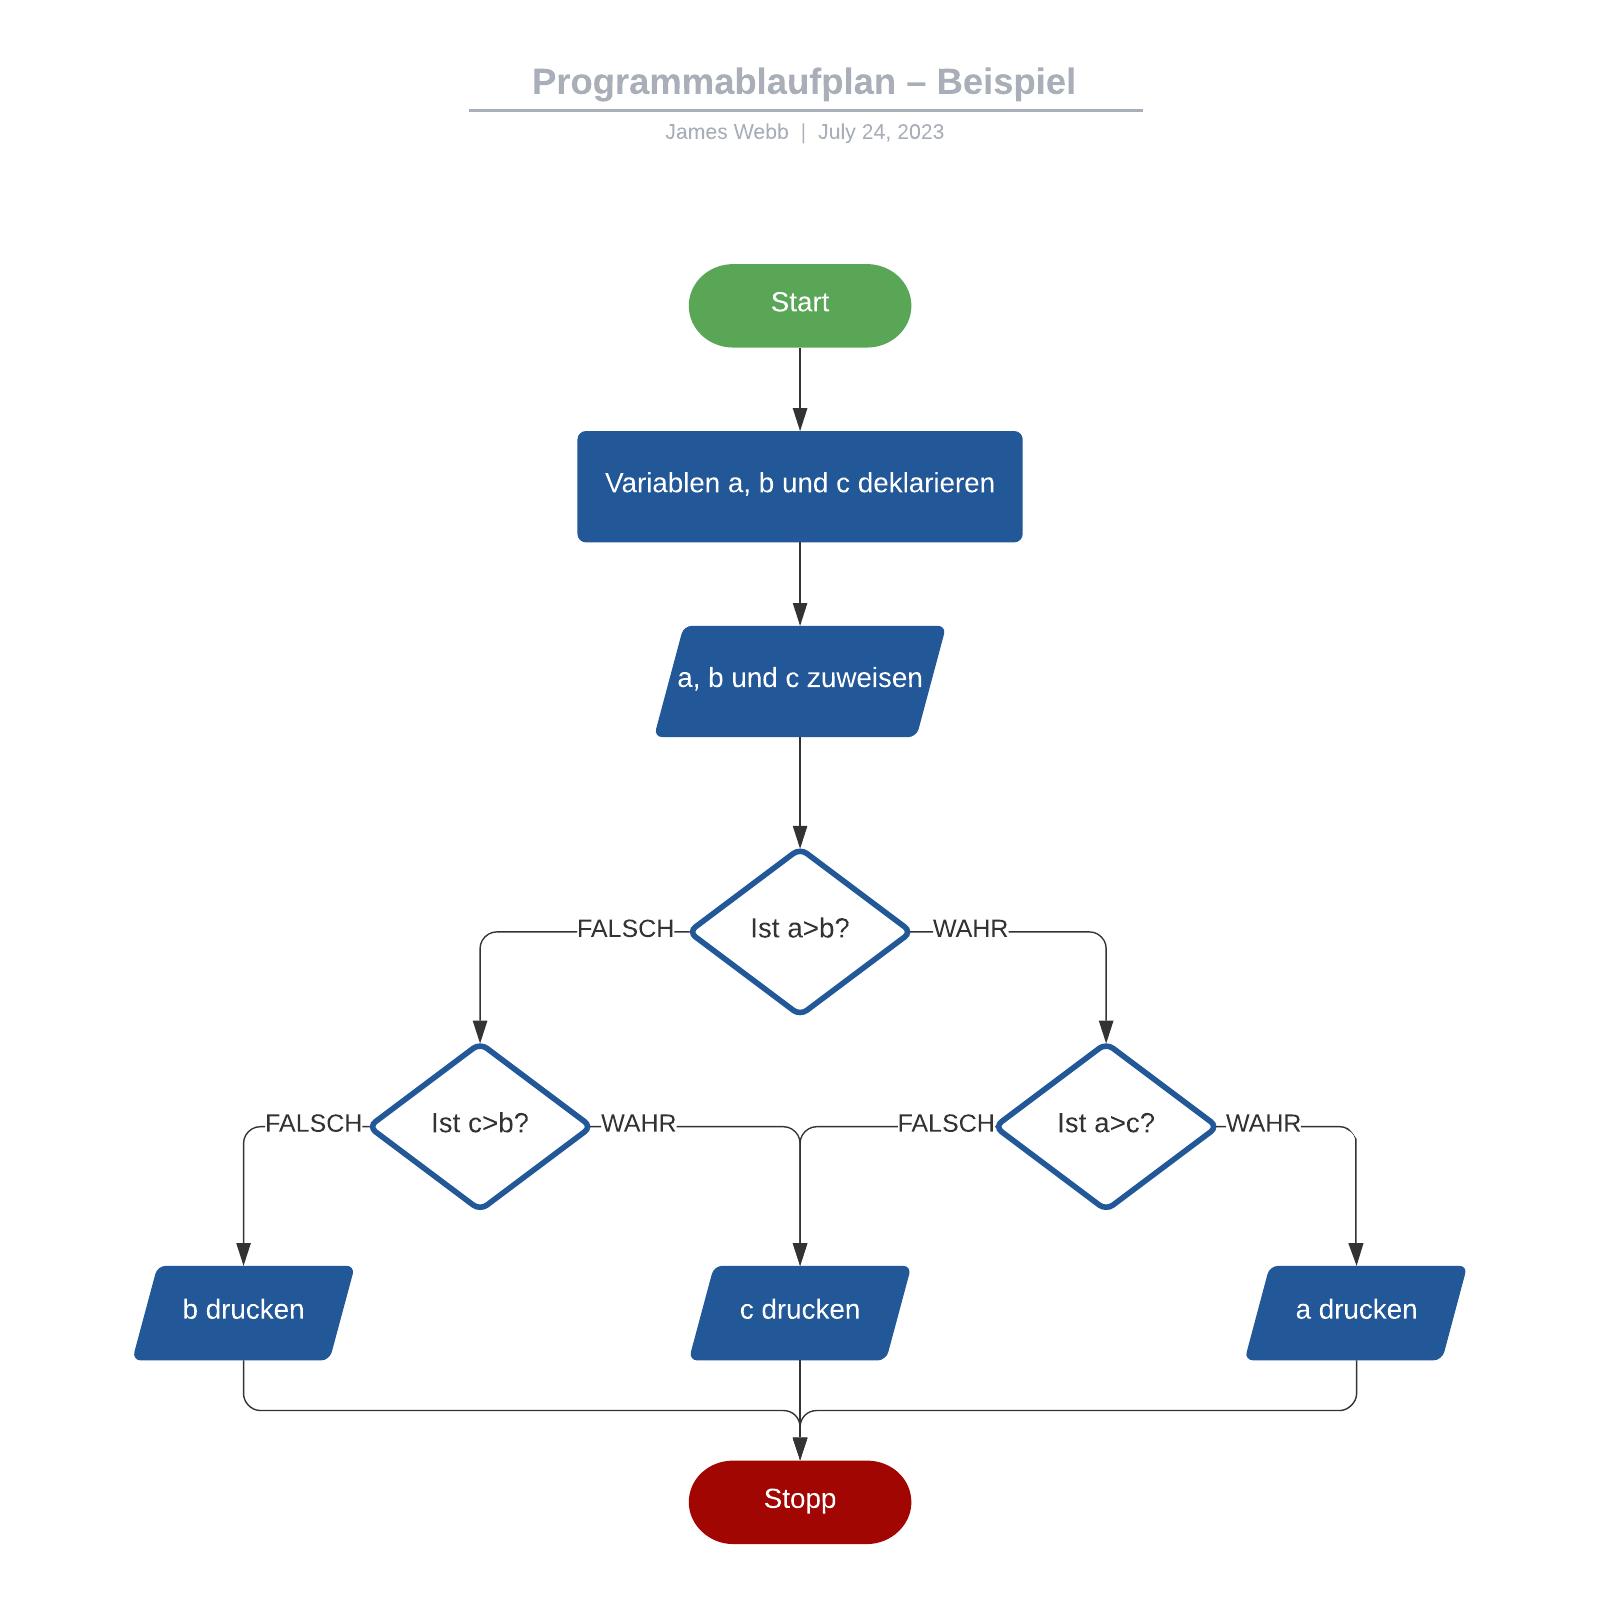 Programmablaufplan – Beispiel